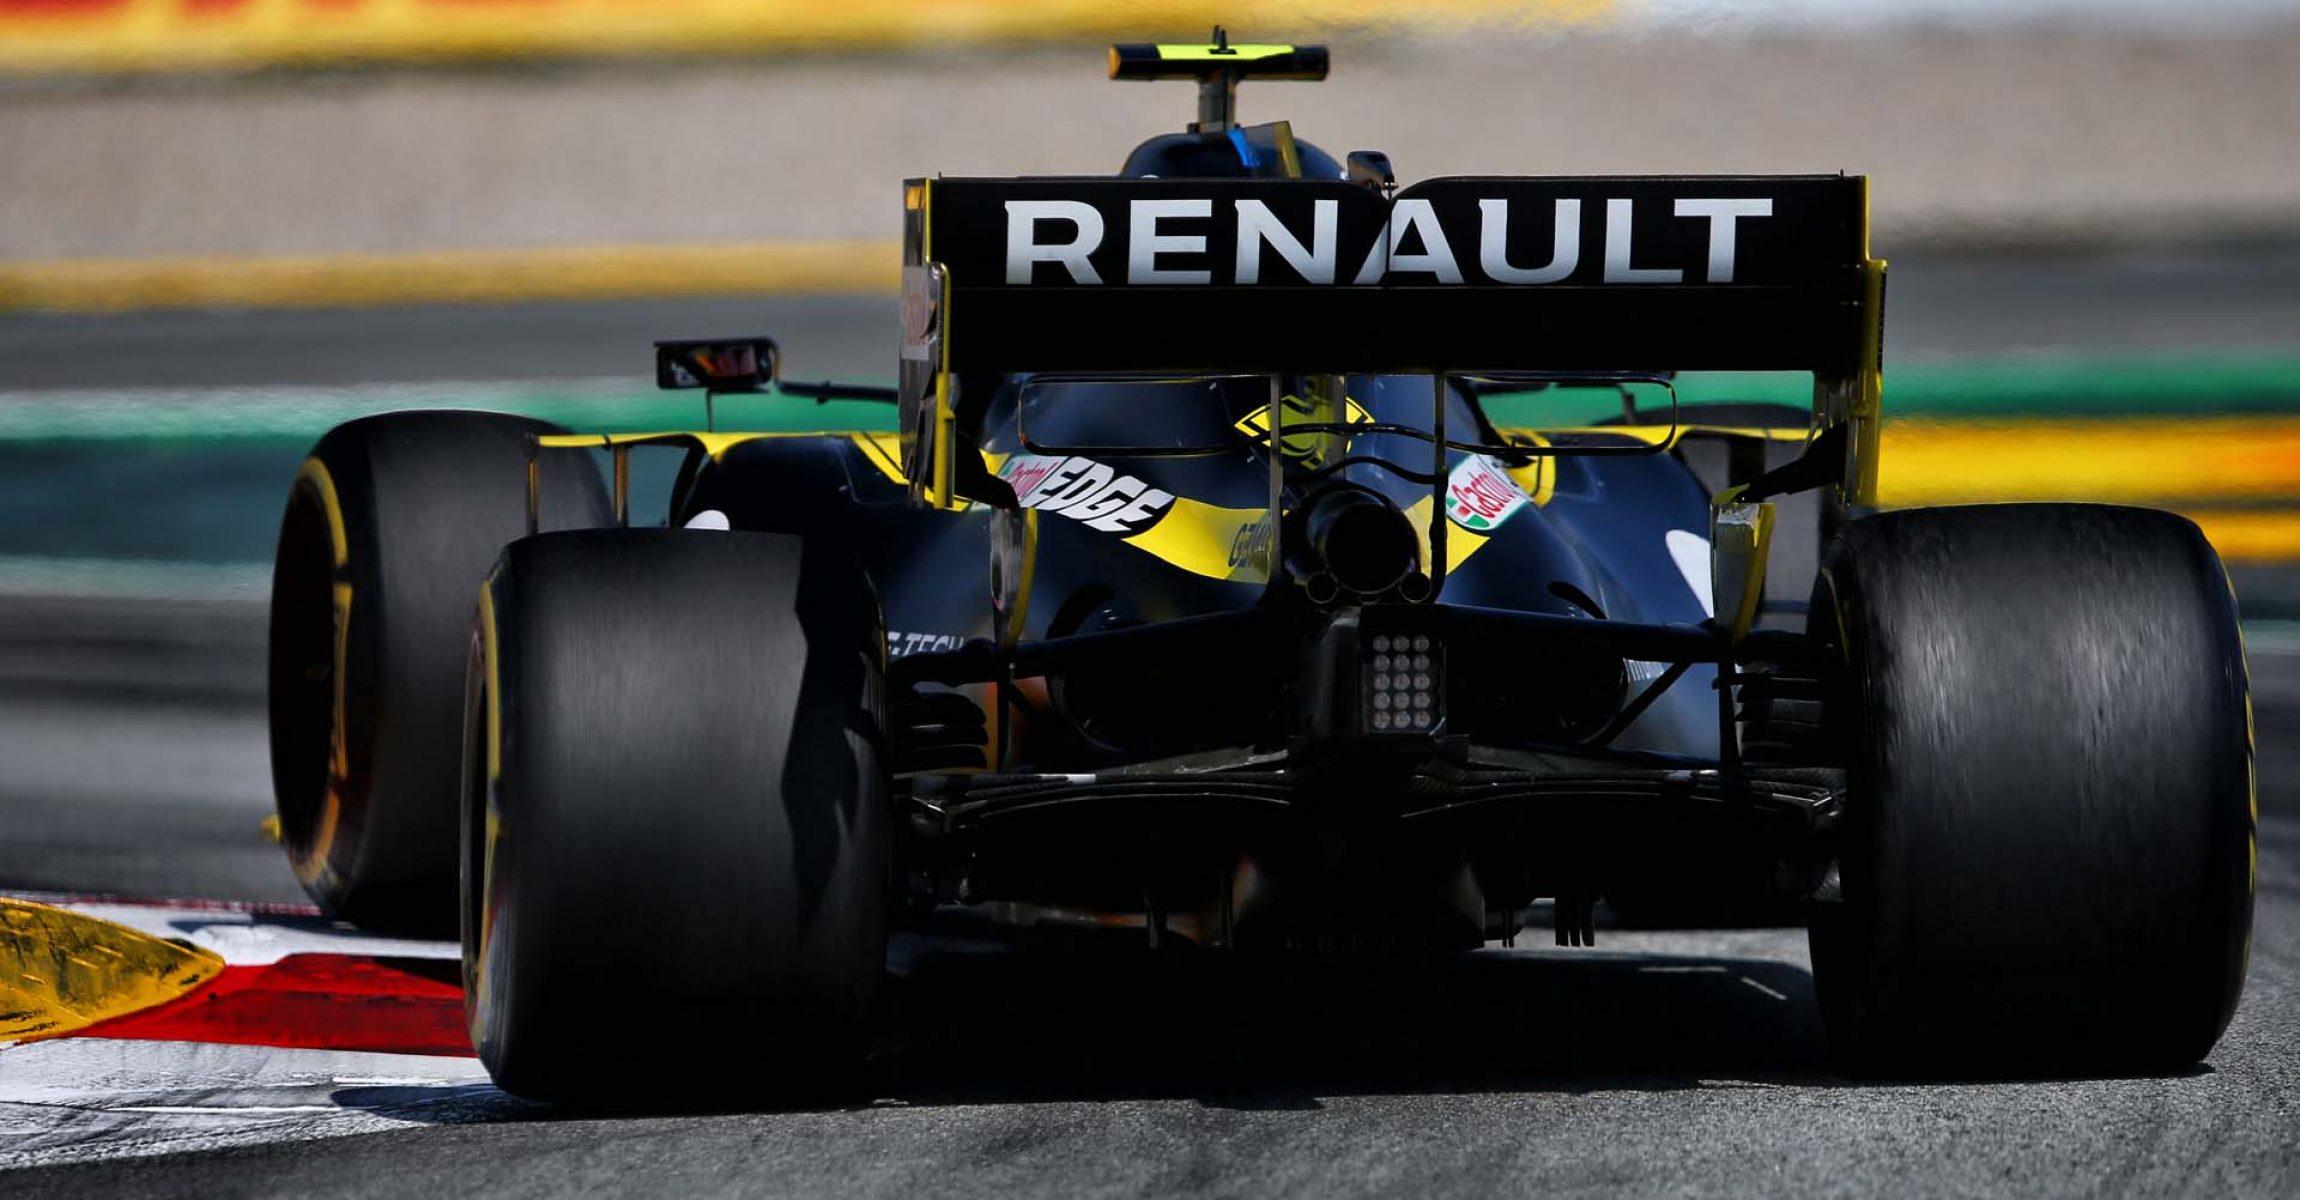 Esteban Ocon (FRA) Renault F1 Team RS20. Spanish Grand Prix, Sunday 16th August 2020. Barcelona, Spain.